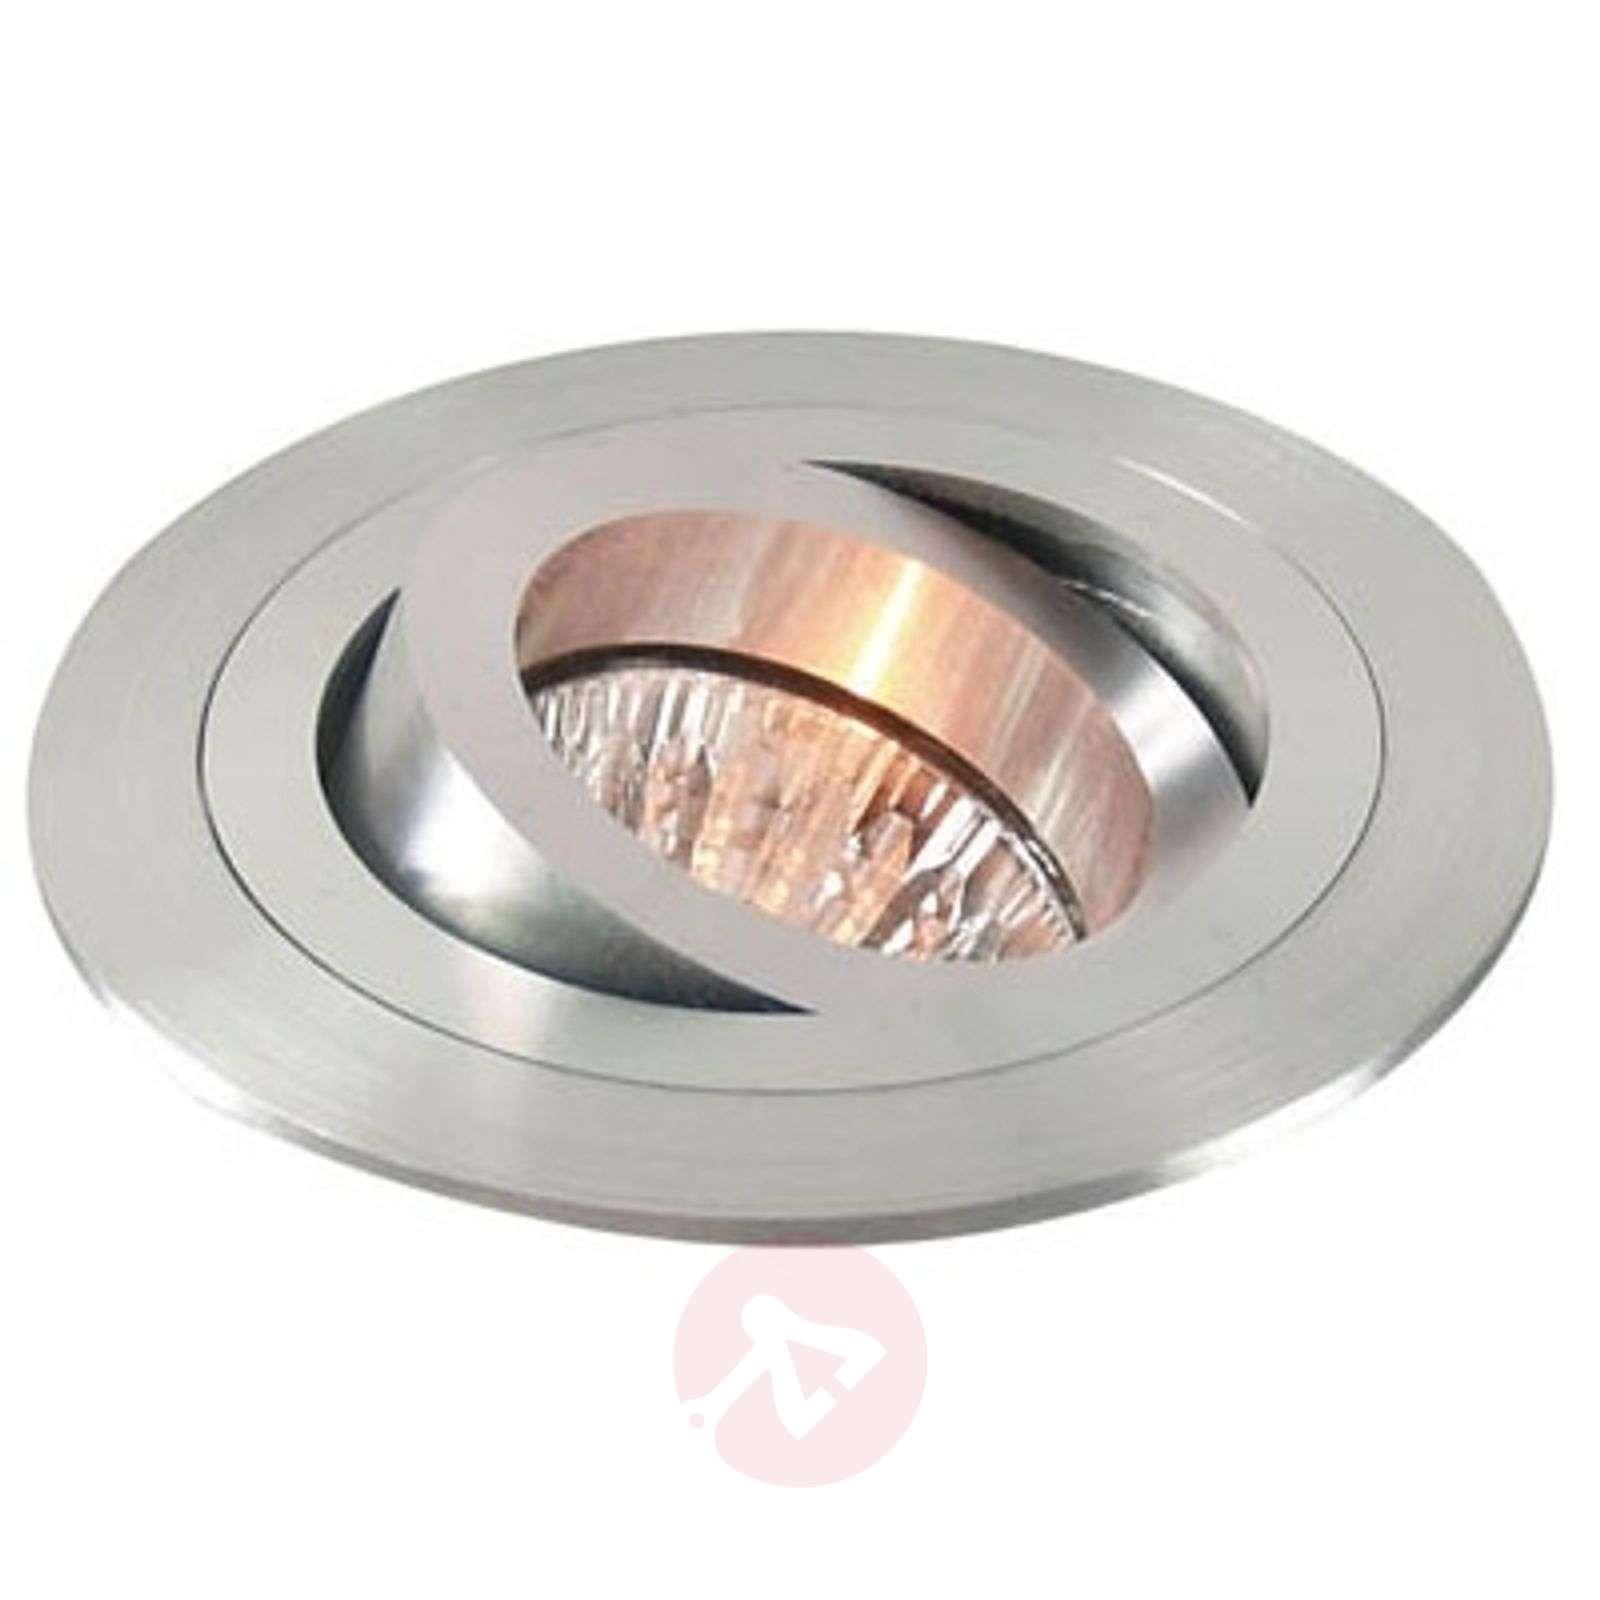 Käännettävä alumiininen uppospotti, matta alumiini-2501071-01